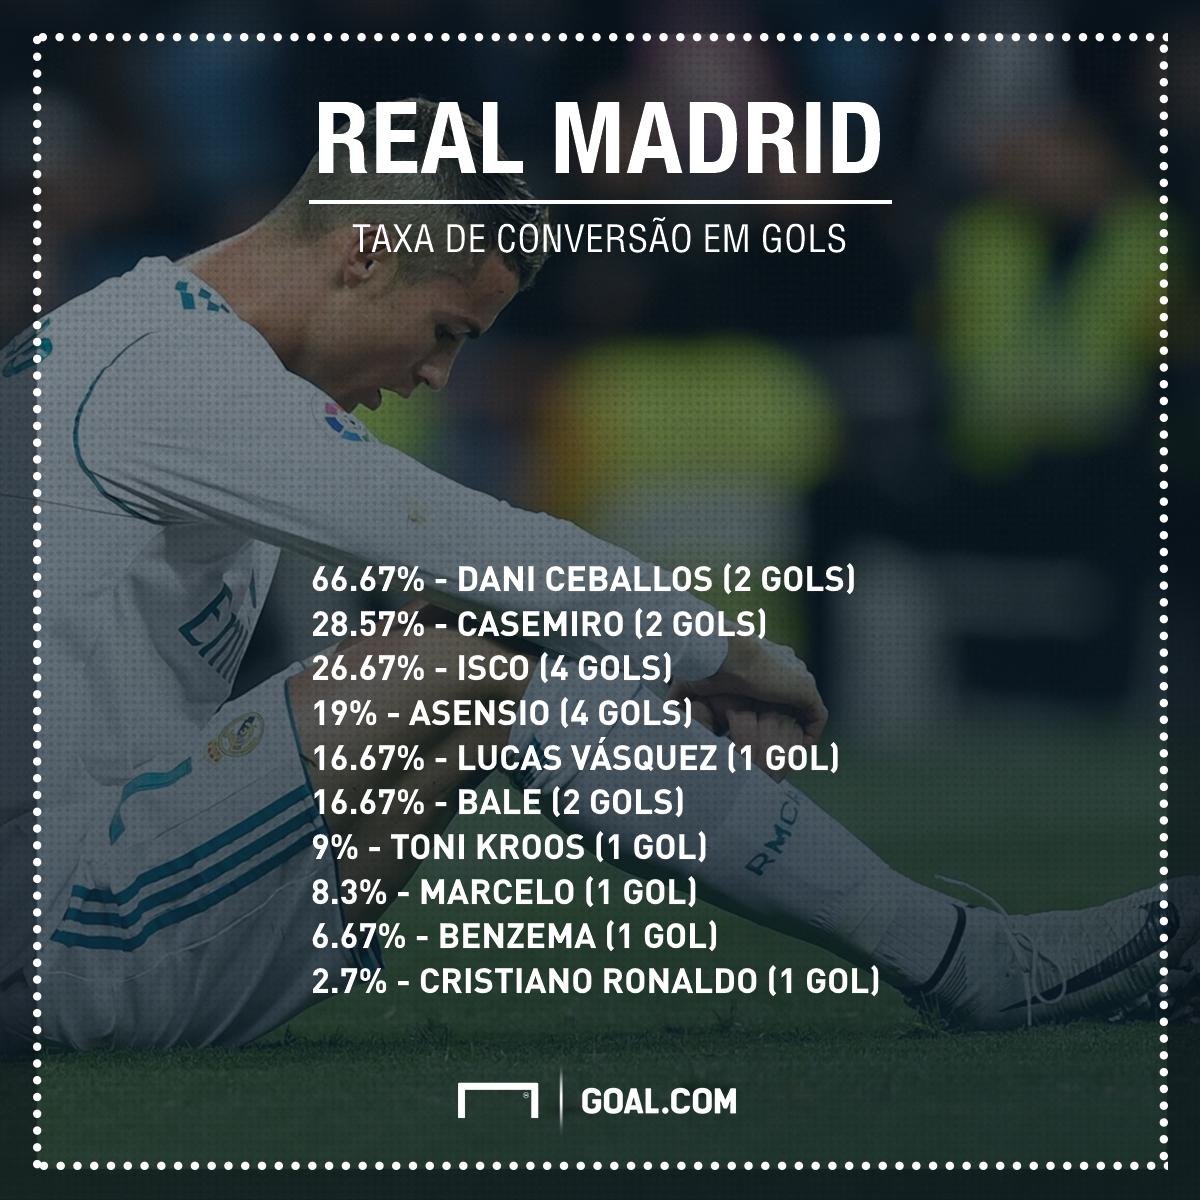 GFX taxa conversão Real Madrid